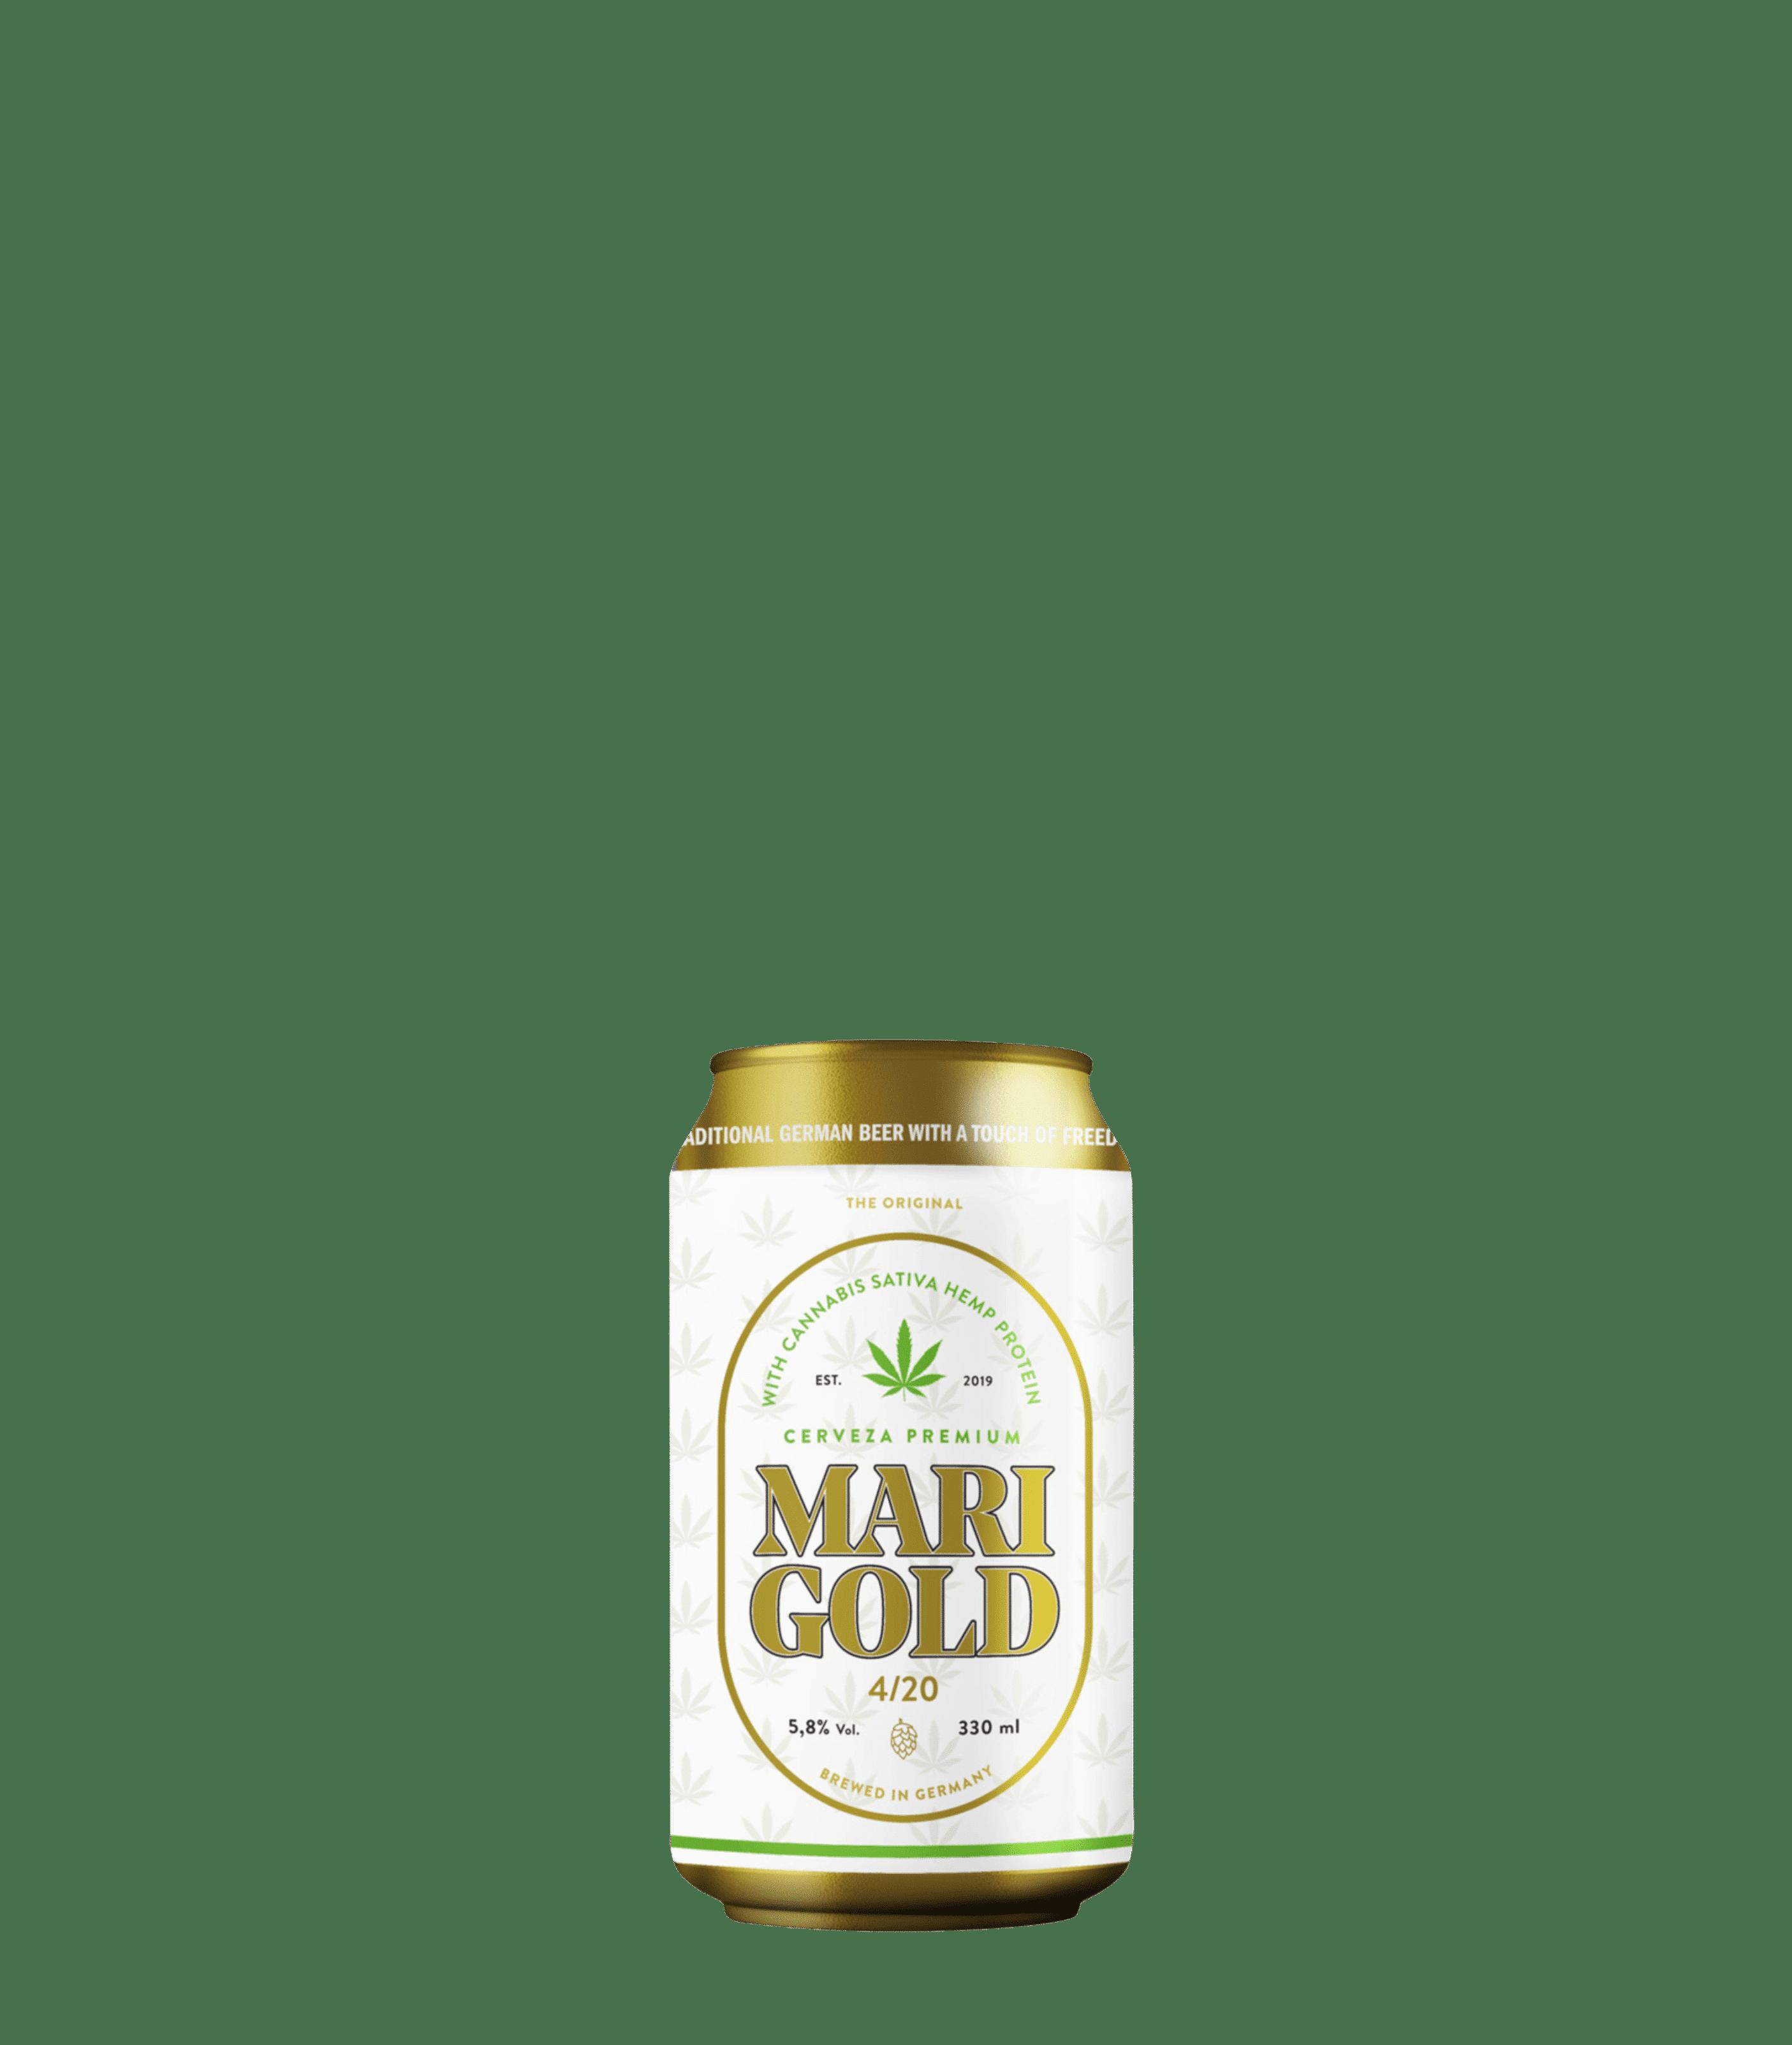 marigoldbeer_drc